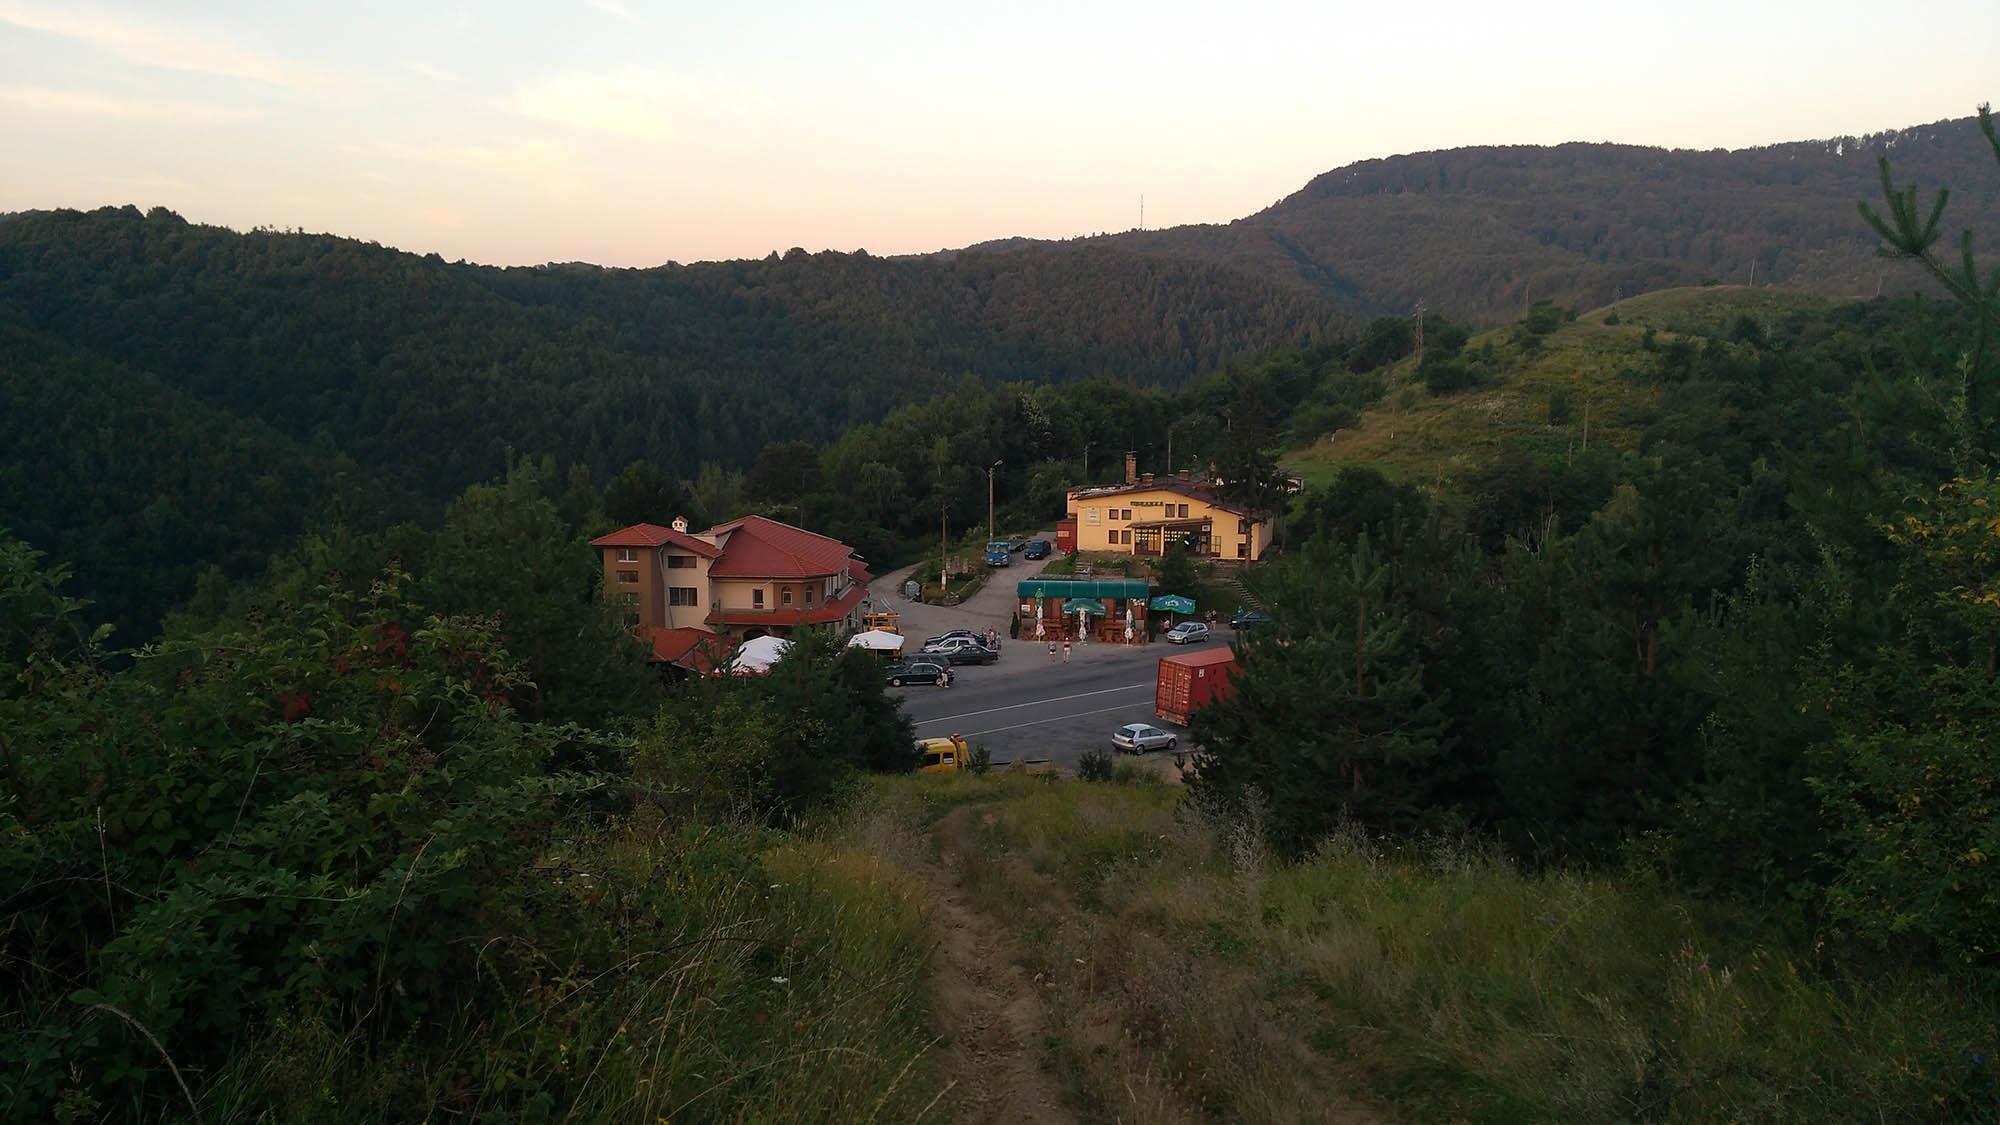 Ден тринадесети 7 август–от ски база Грамадлива до хижа Чумерна